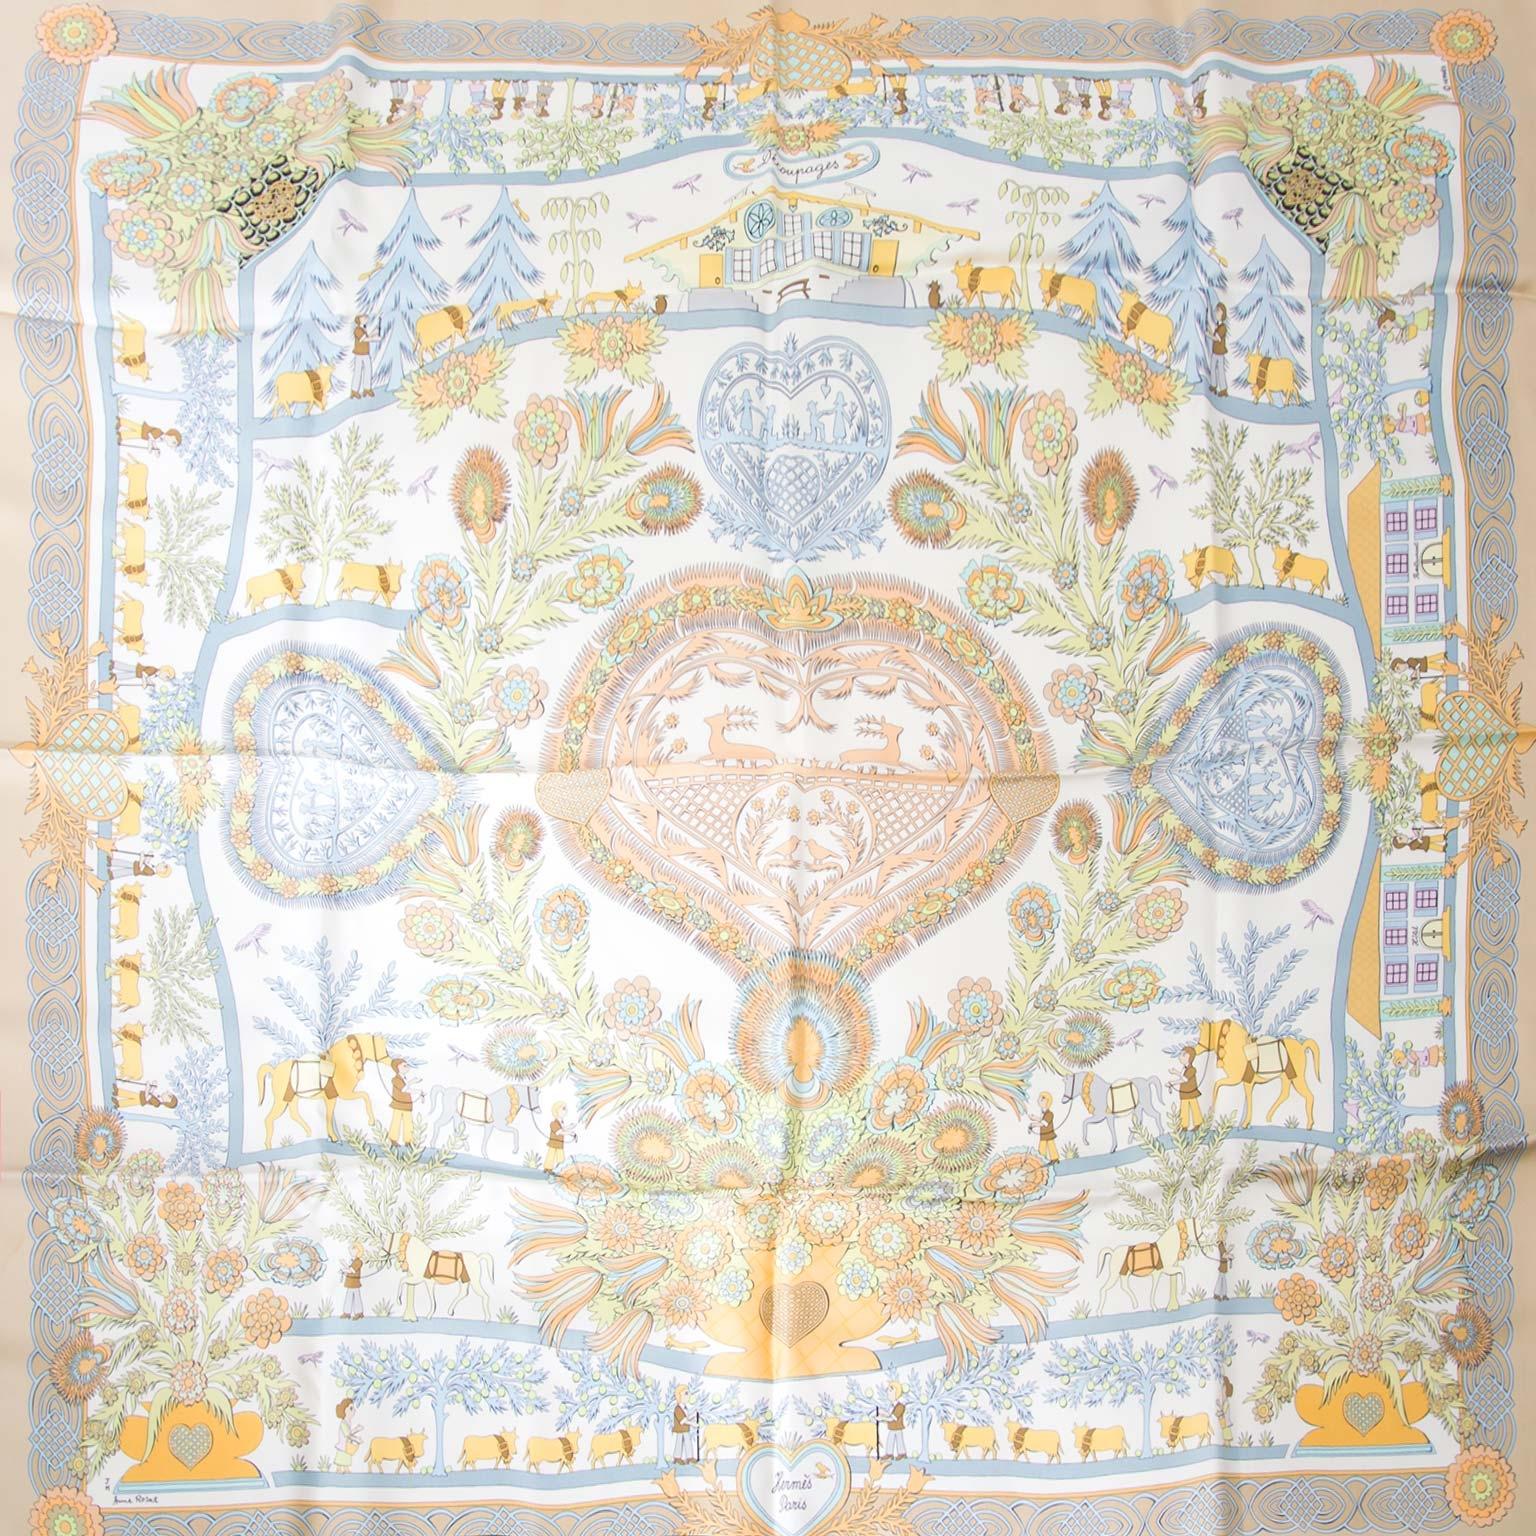 acheter en ligne chez labellov.com hermes carre decoupages en soie pour le meilleur prix